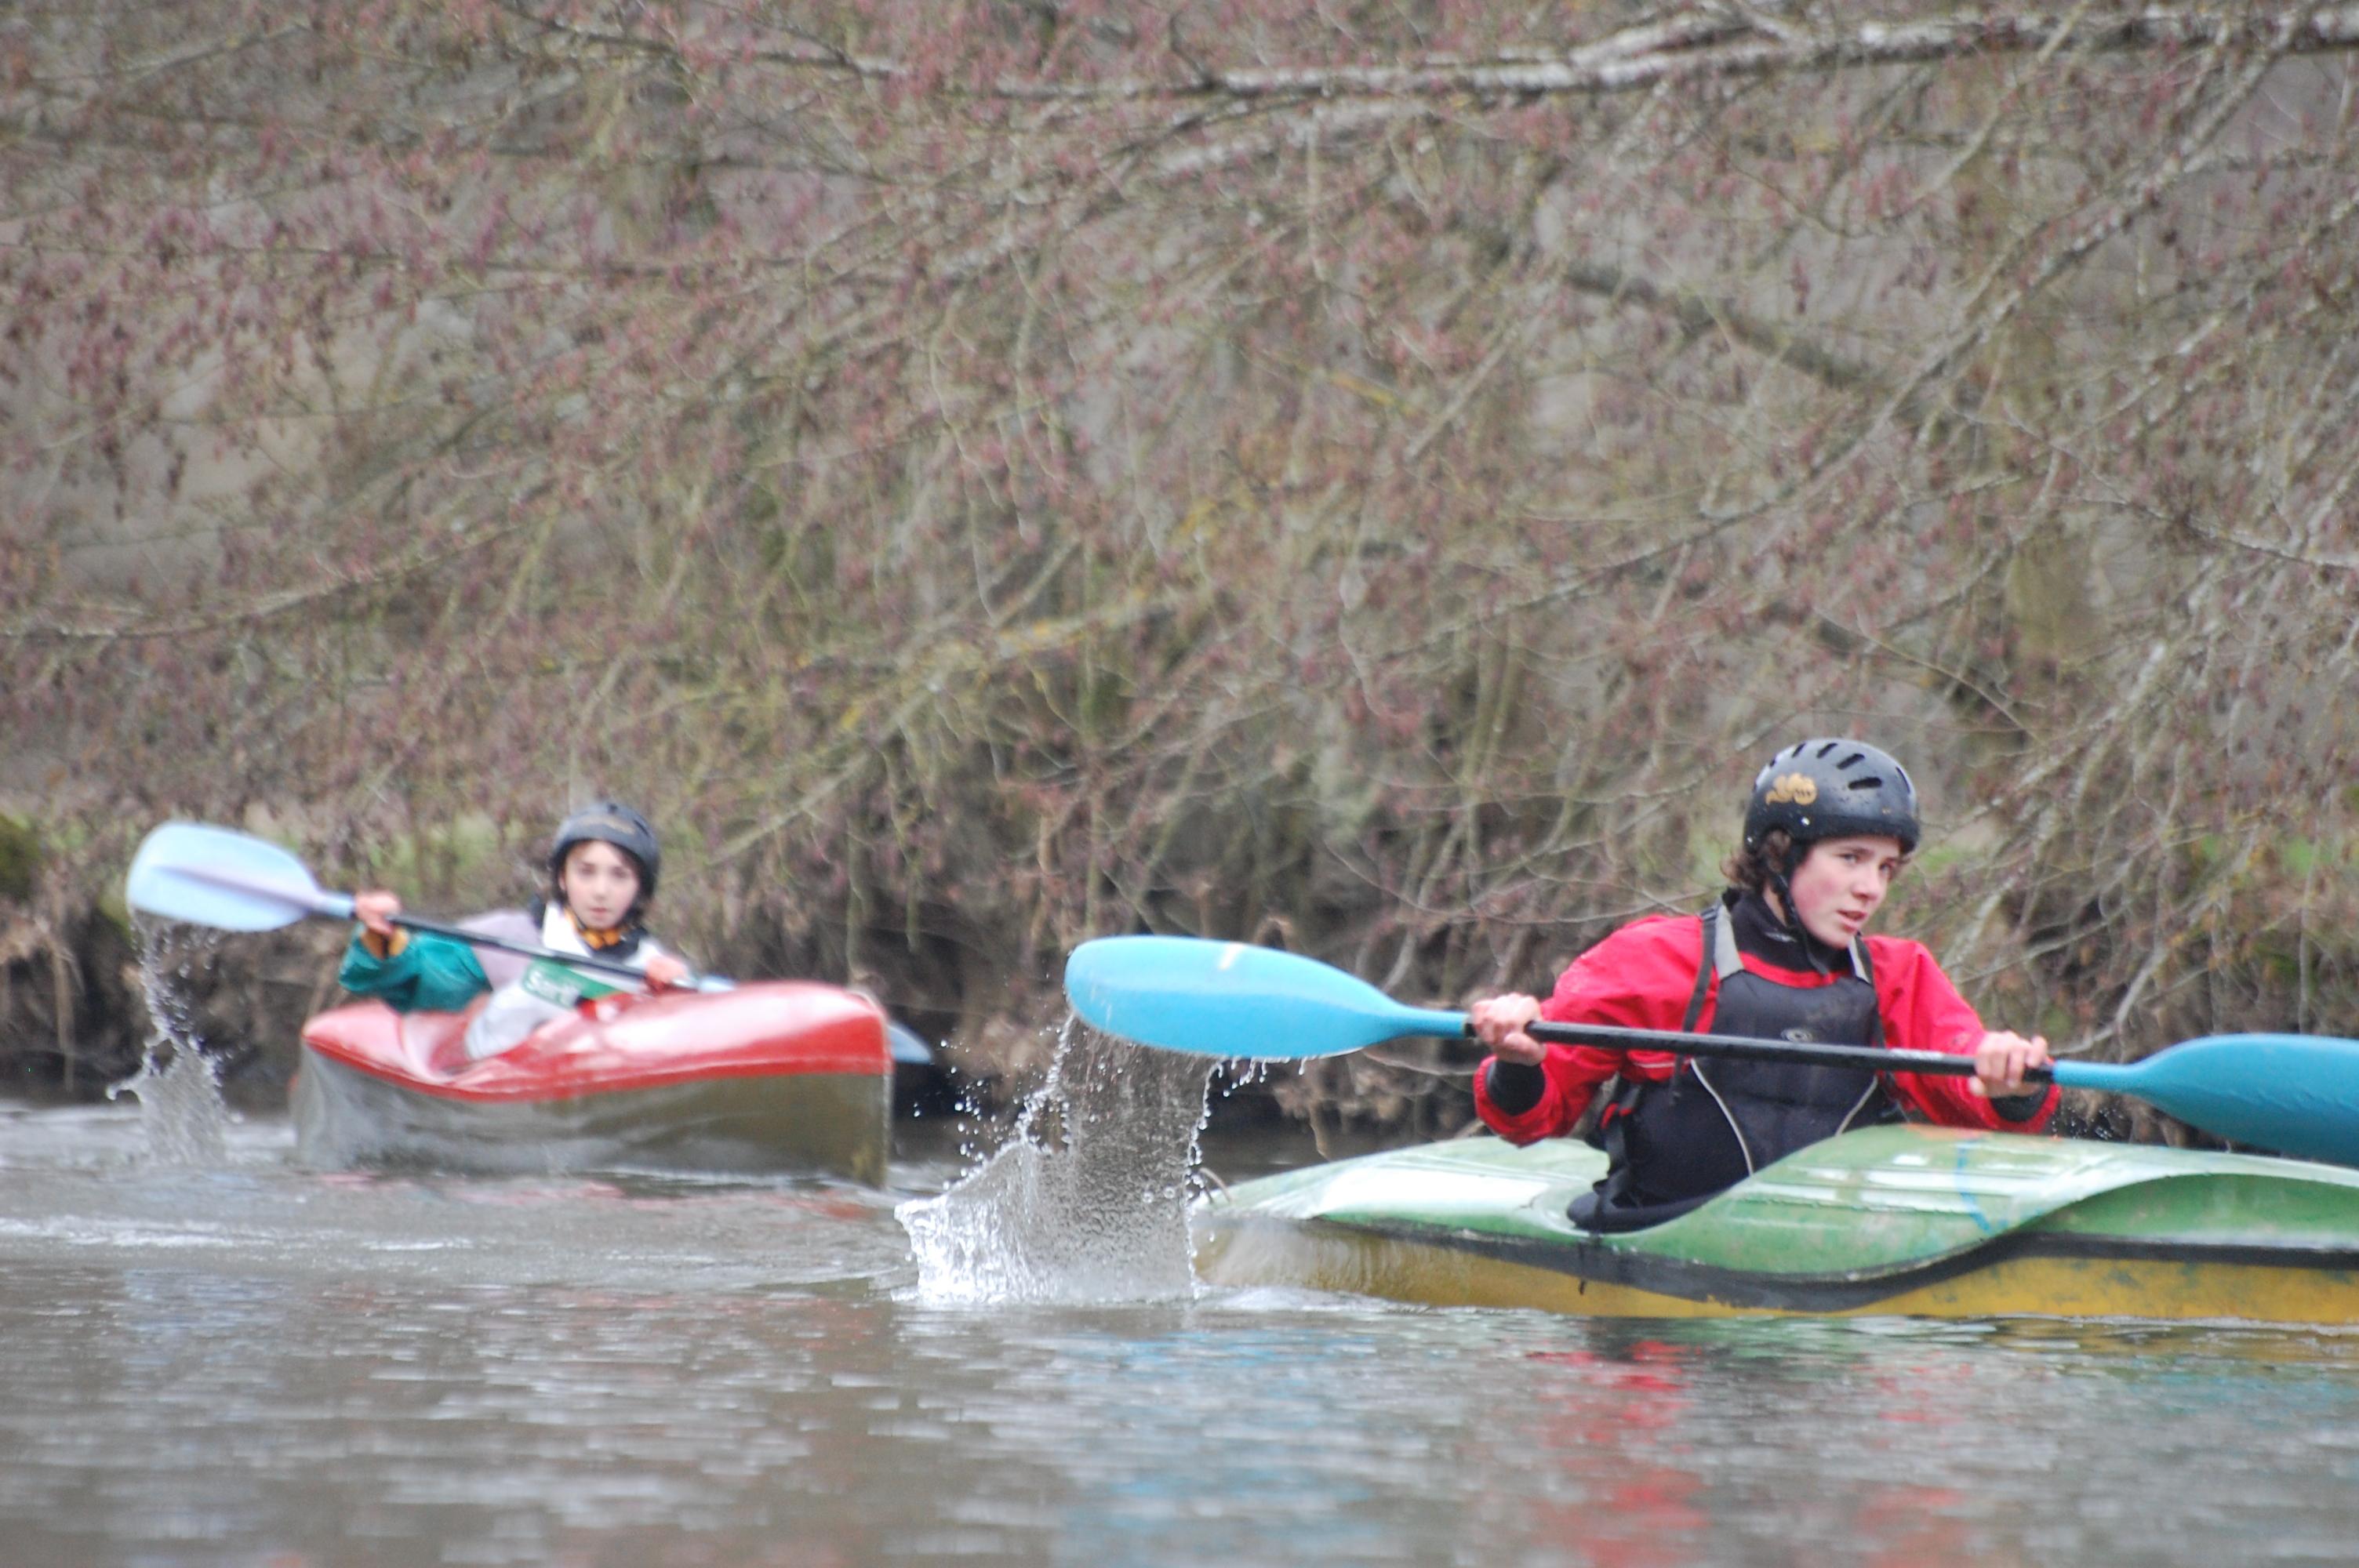 Parcours de St Léonard des bois u00b7 Mon parcours en Kayak # Canoe St Leonard Des Bois